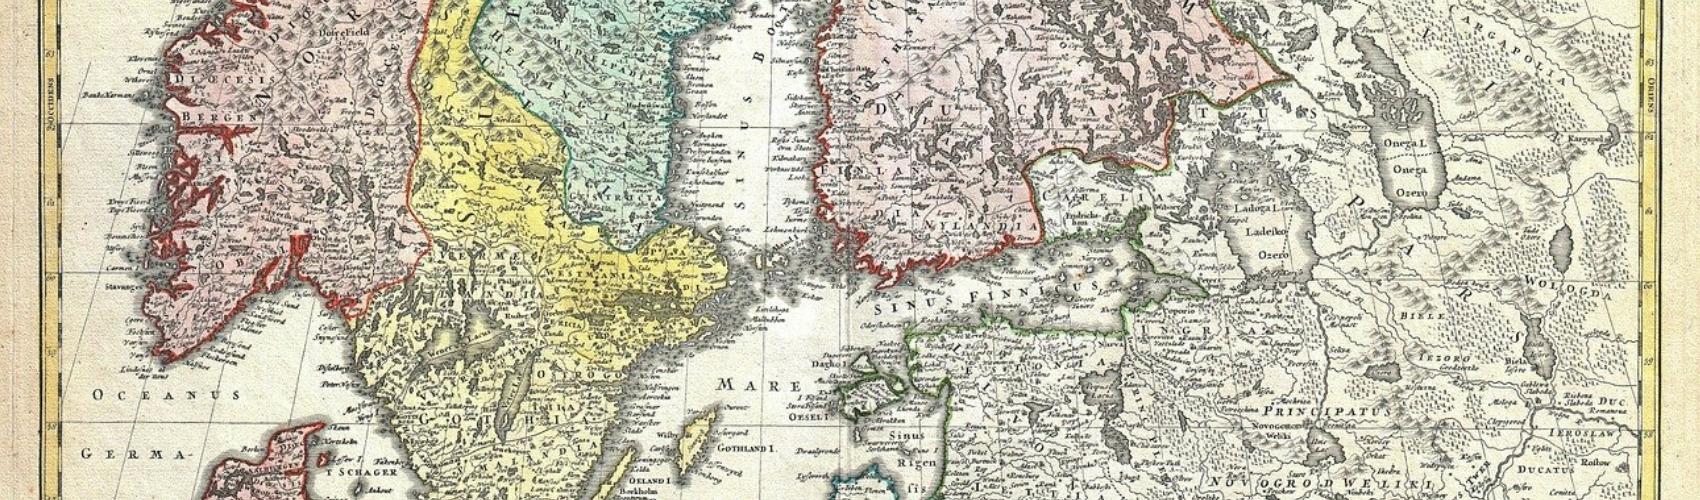 ⑾北欧諸国の近現代史を客観的評価システムの観点から考察